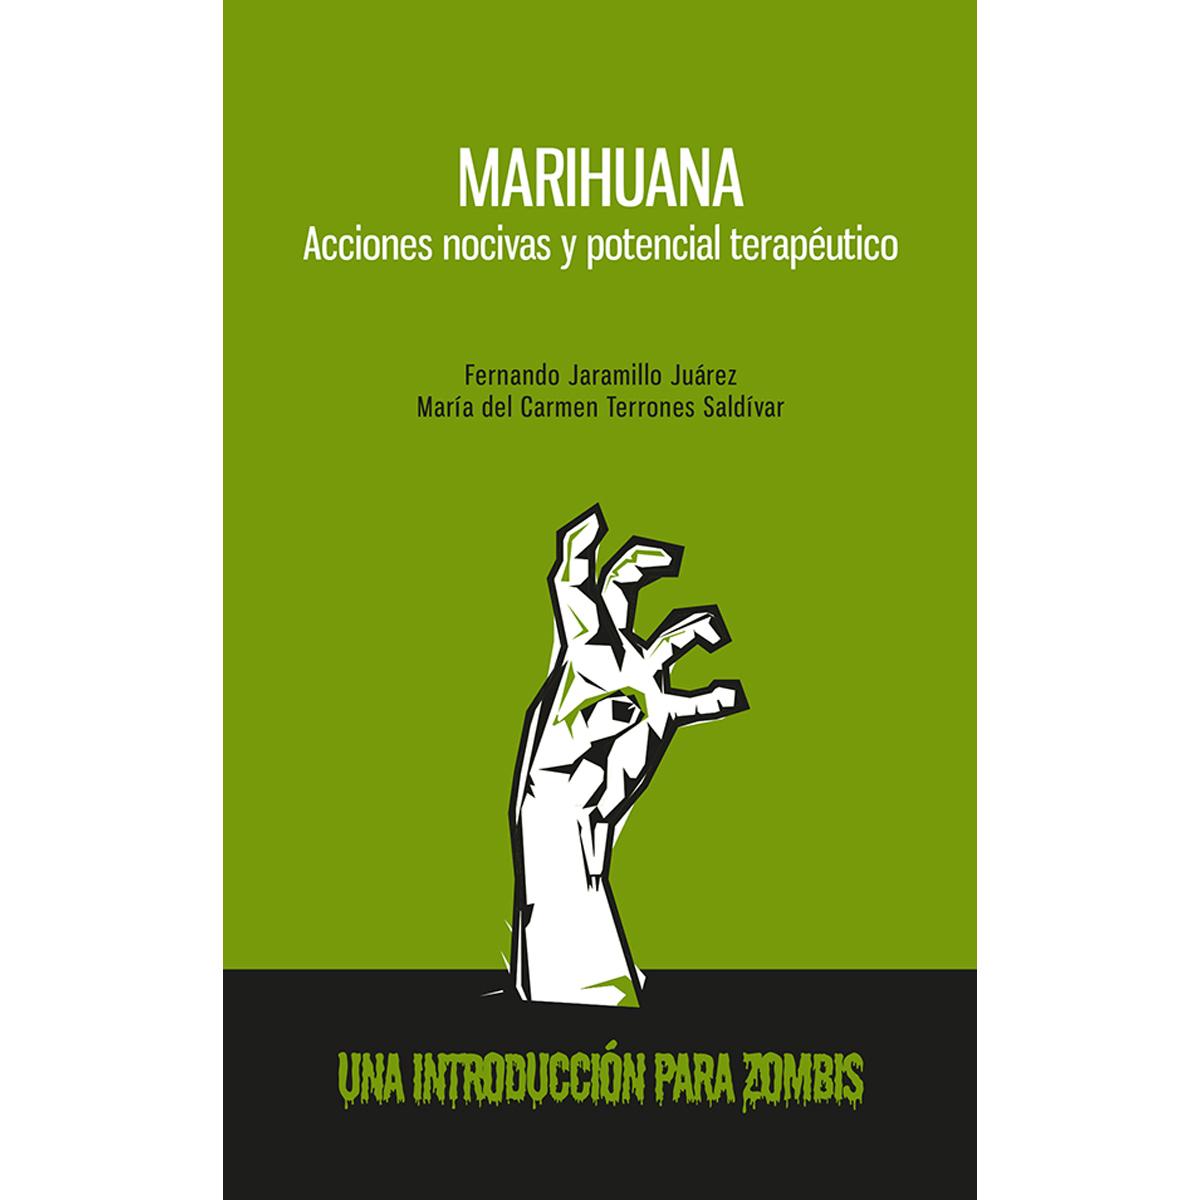 Marihuana. Acciones nocivas y potencial terapéutico